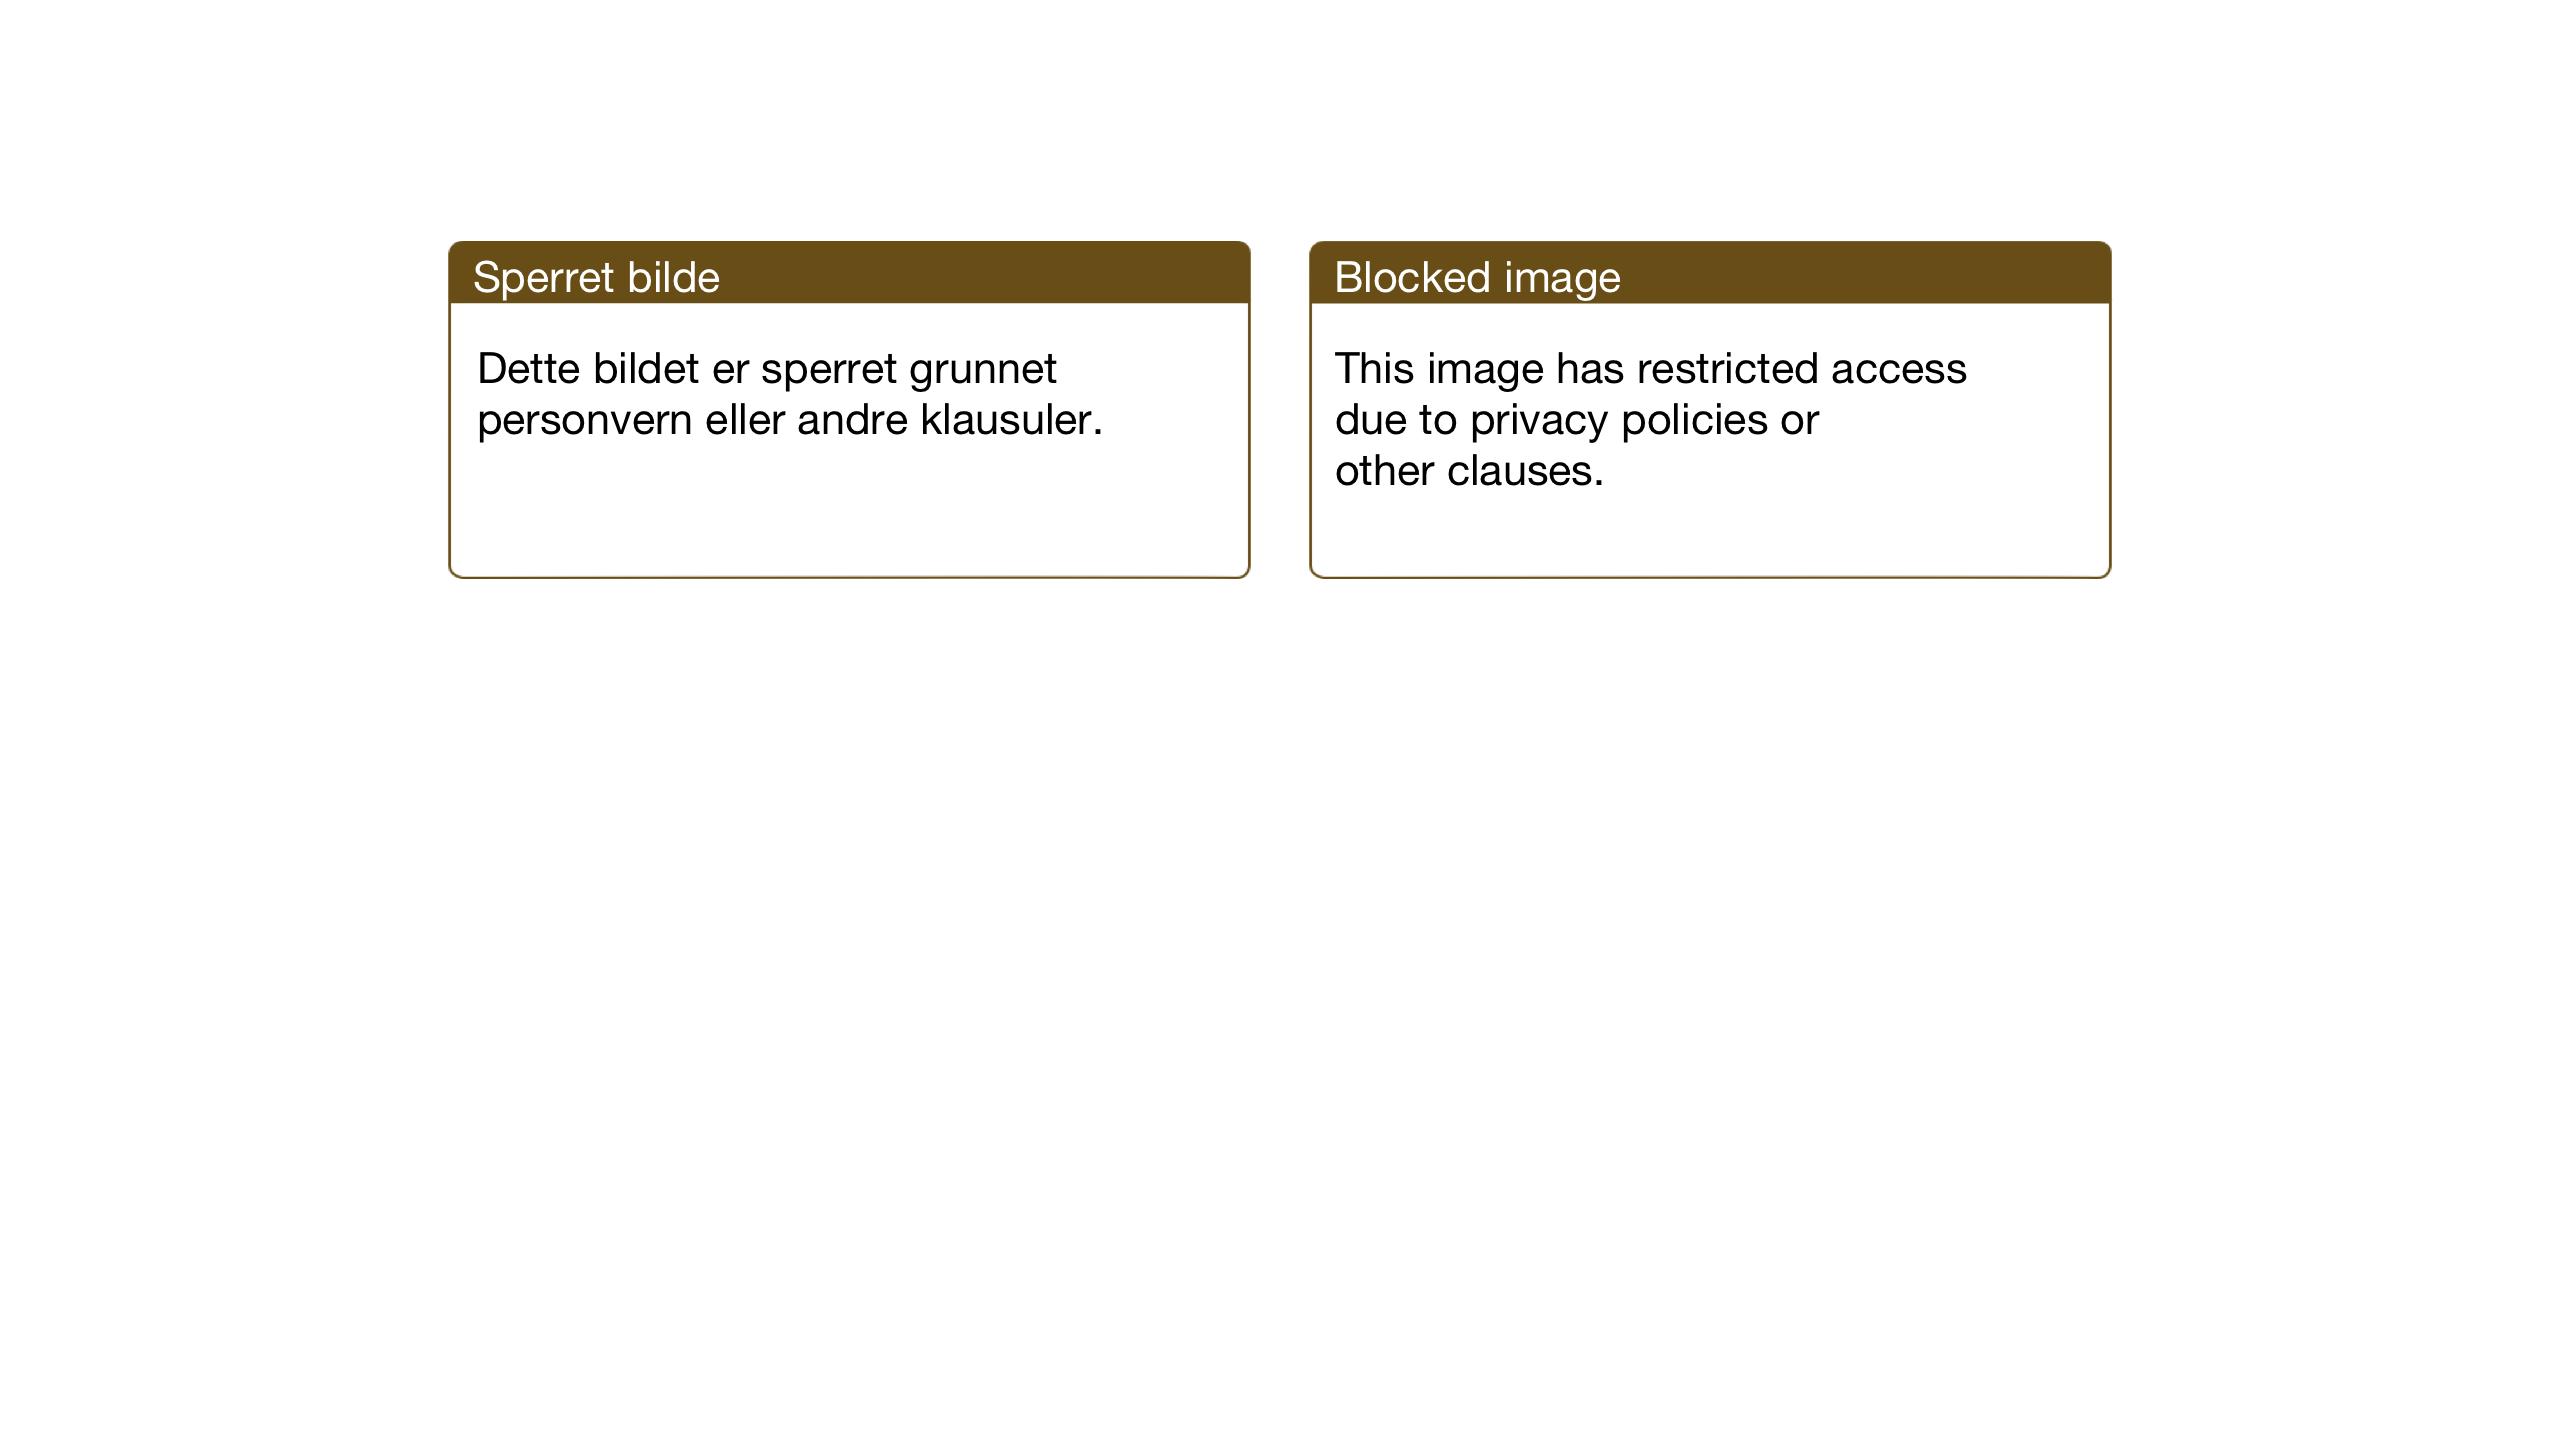 SAT, Ministerialprotokoller, klokkerbøker og fødselsregistre - Sør-Trøndelag, 608/L0343: Klokkerbok nr. 608C09, 1938-1952, s. 8